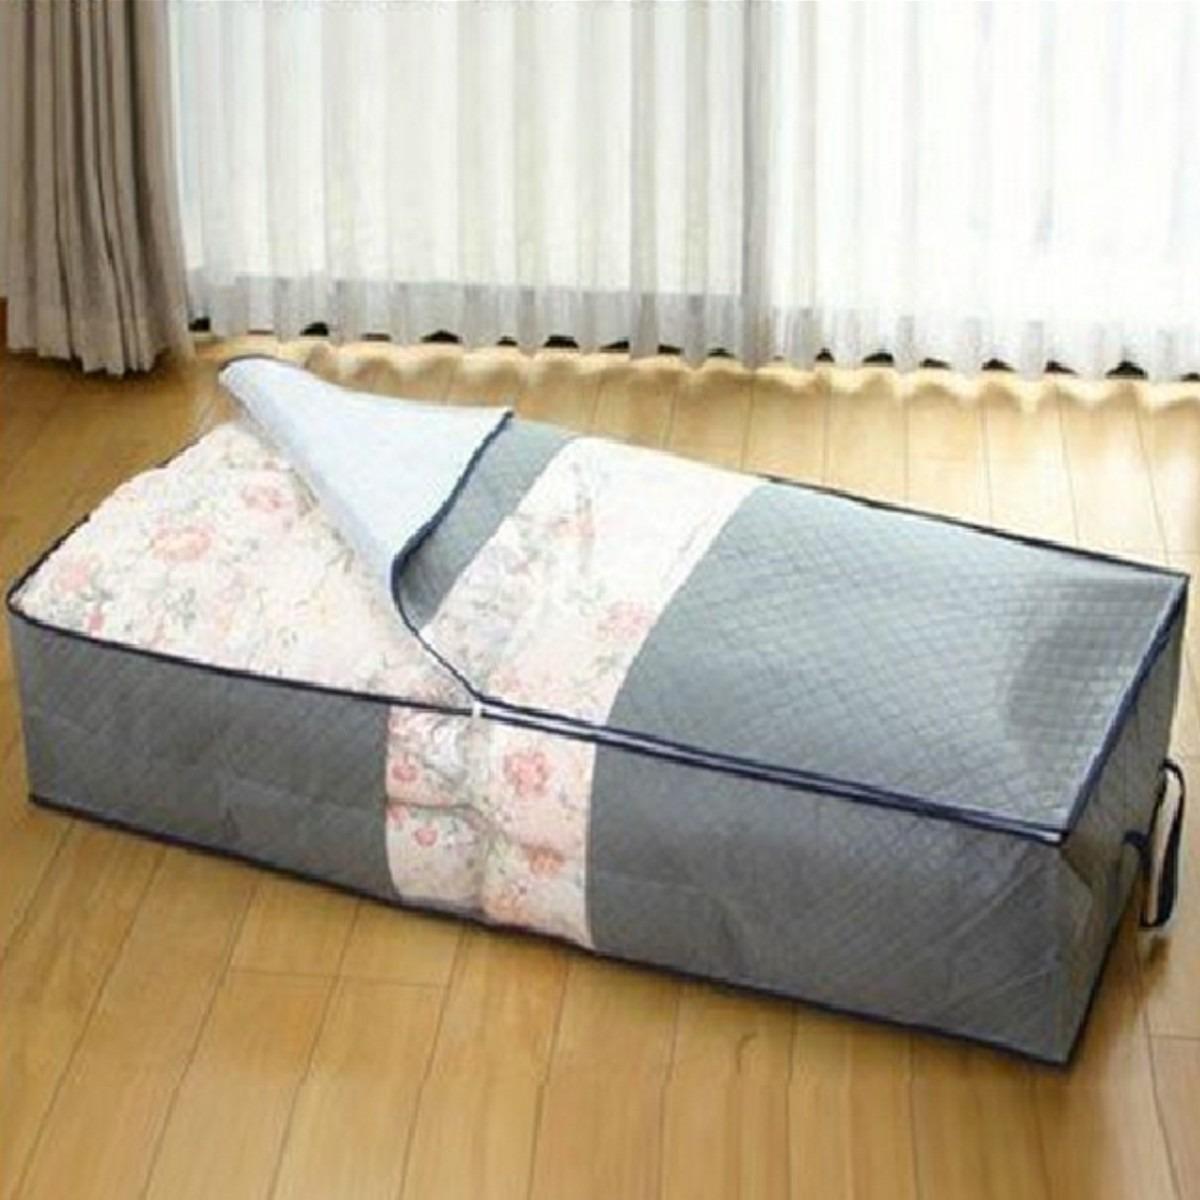 Organizador de roupas len ois cama mesa e banho frete gr tis for Cama e mesa